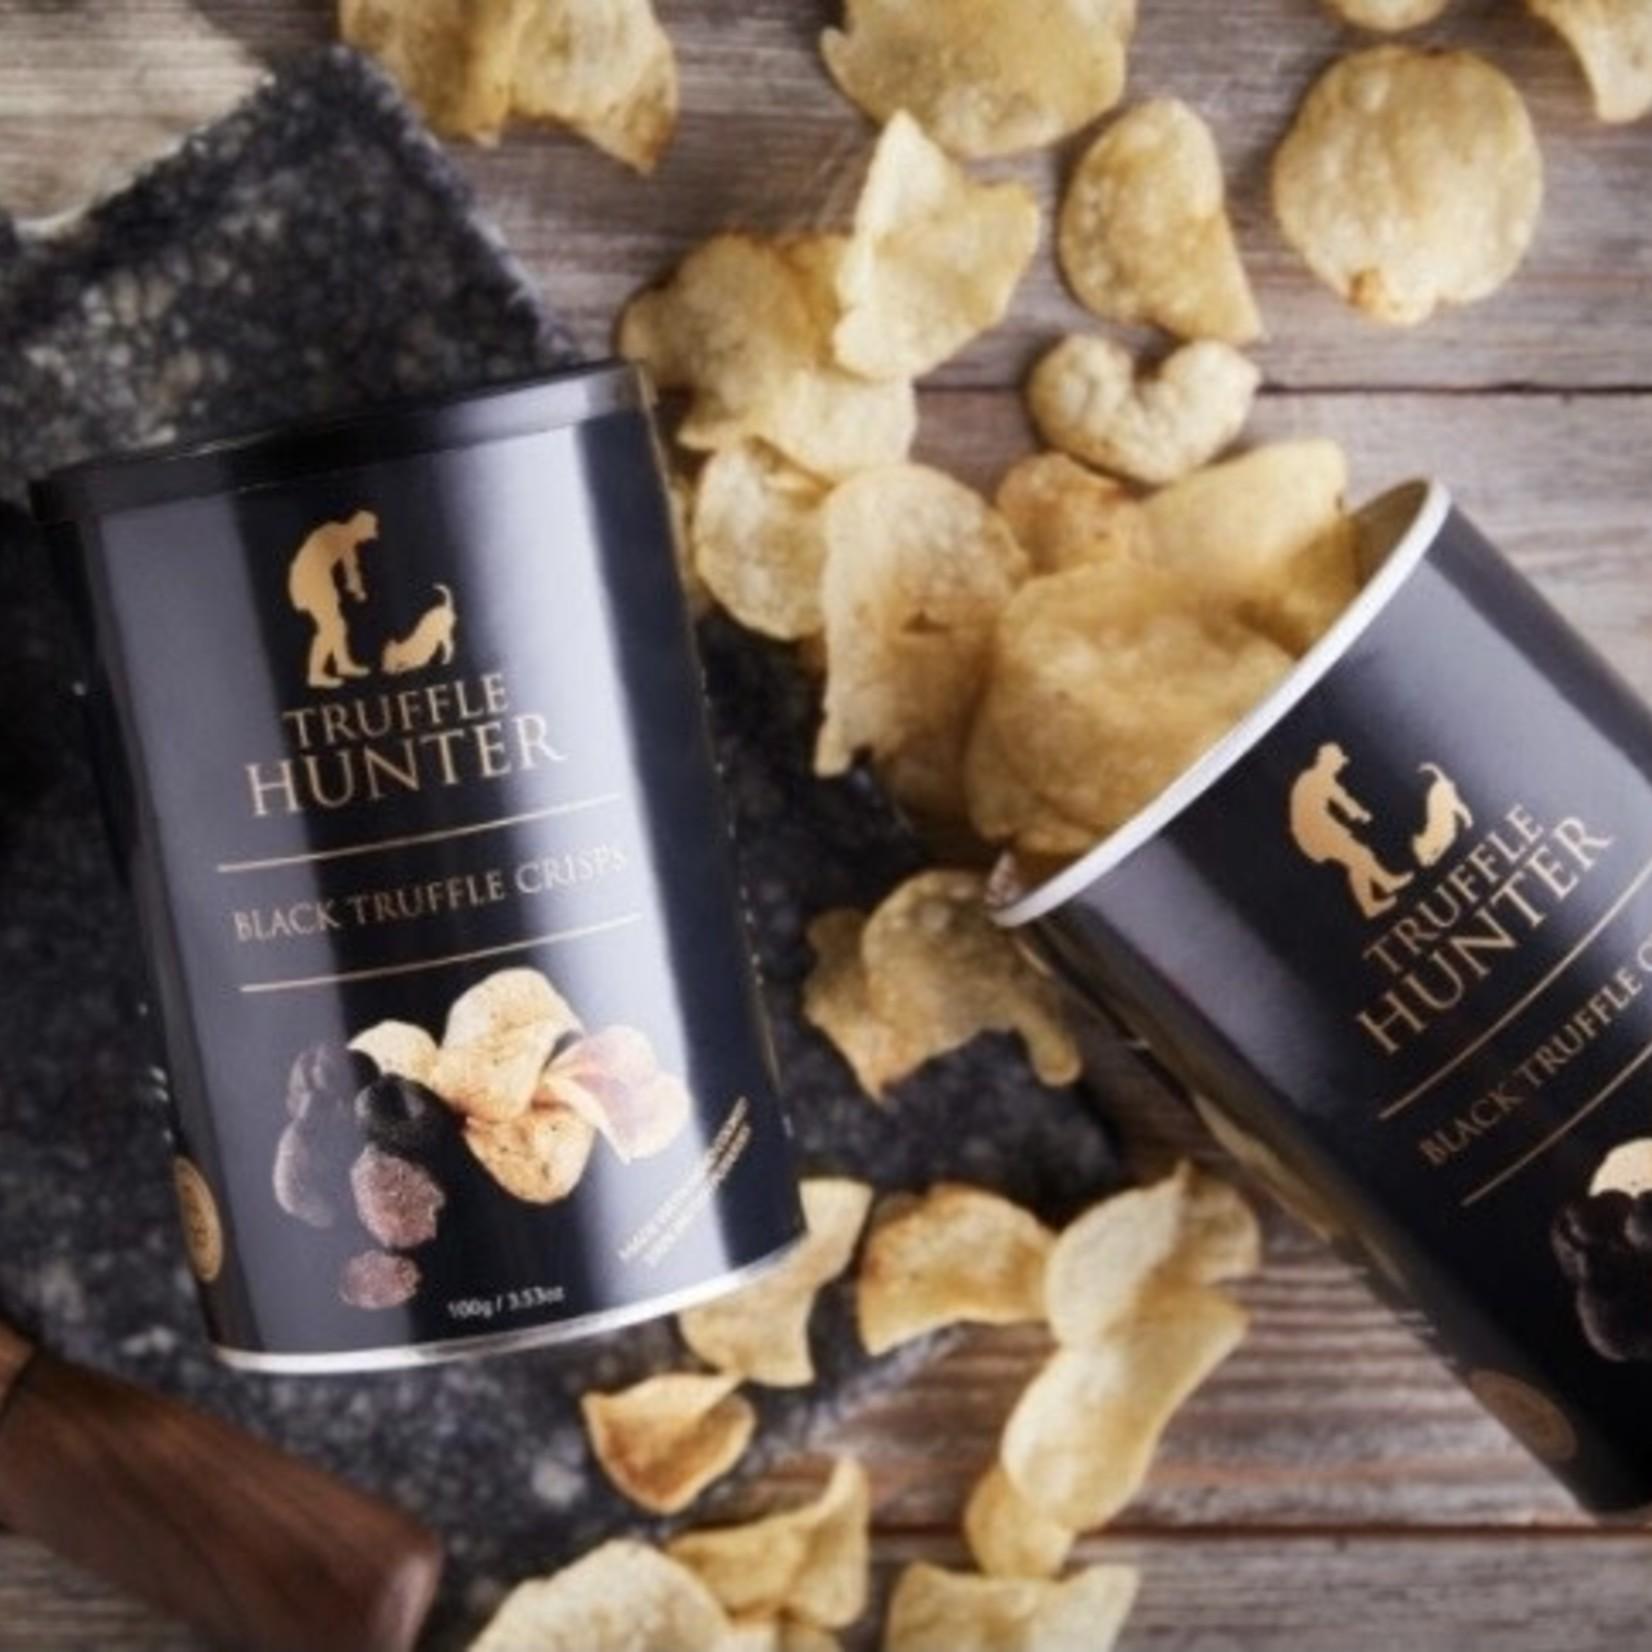 Dovetale Truffle Hunter Black Truffle Crisps